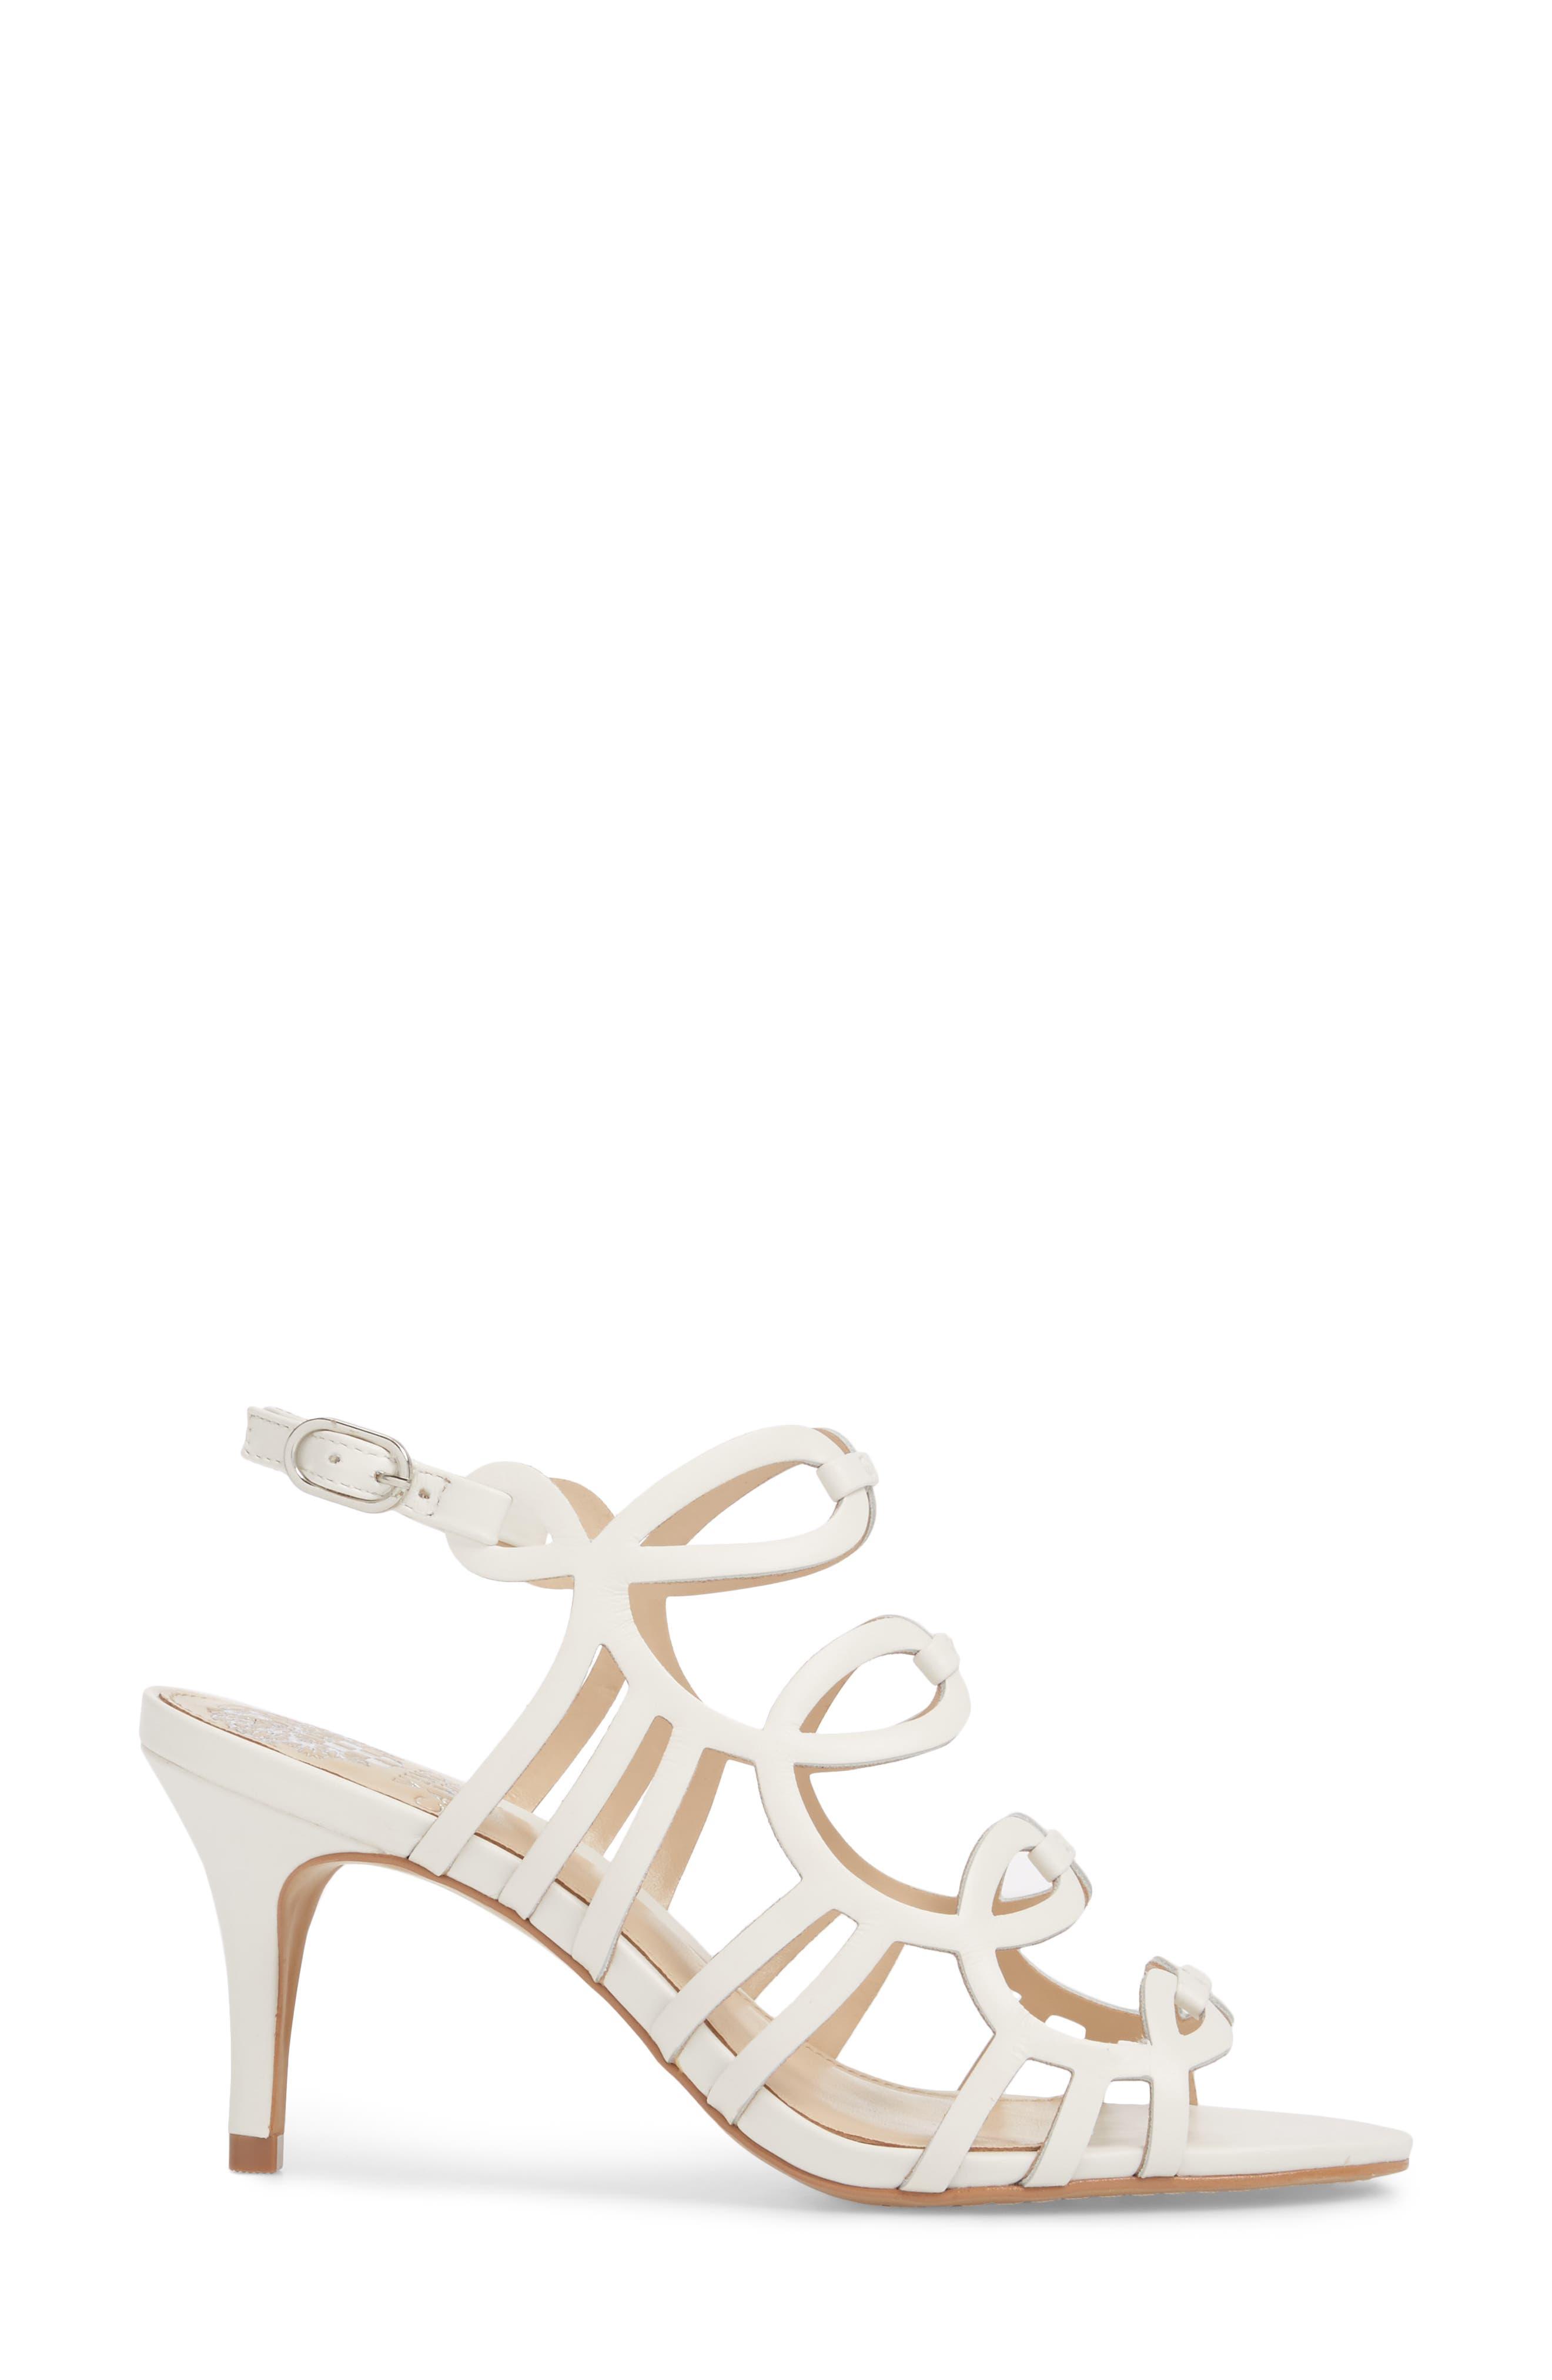 Petina Sandal,                             Alternate thumbnail 3, color,                             White Leather